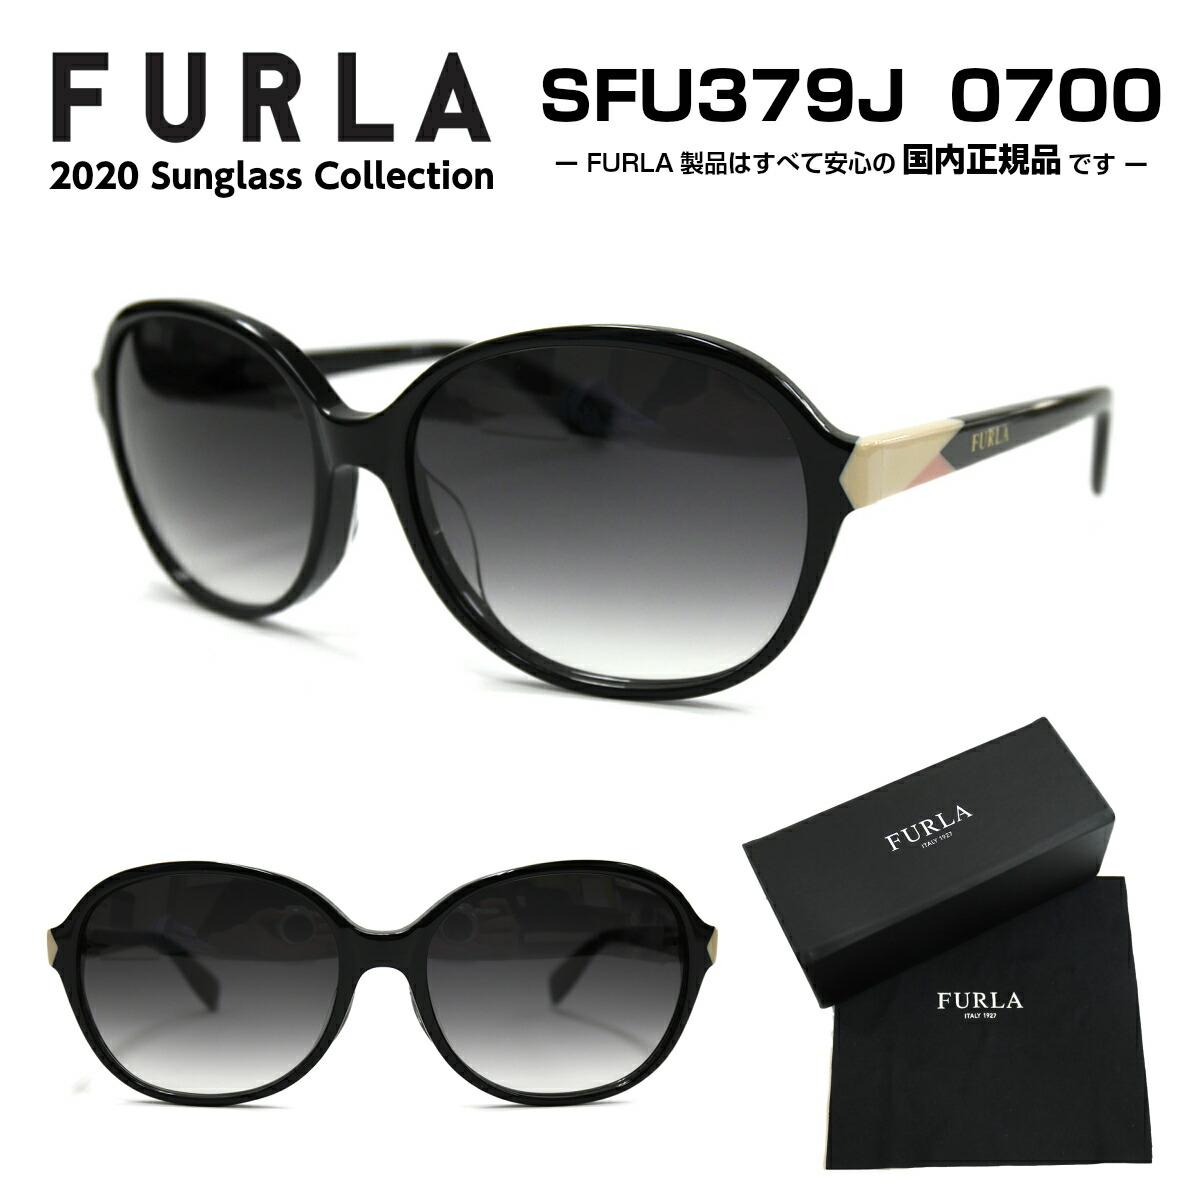 FURLA フルラ サングラス SFU379J 0700 2020年モデル SUNGLASS メガネ レディース 女性 正規品 UVカット ライトカラー うすめ きれい かわいい 大きめ 母の日 プレゼント ギフト オススメ